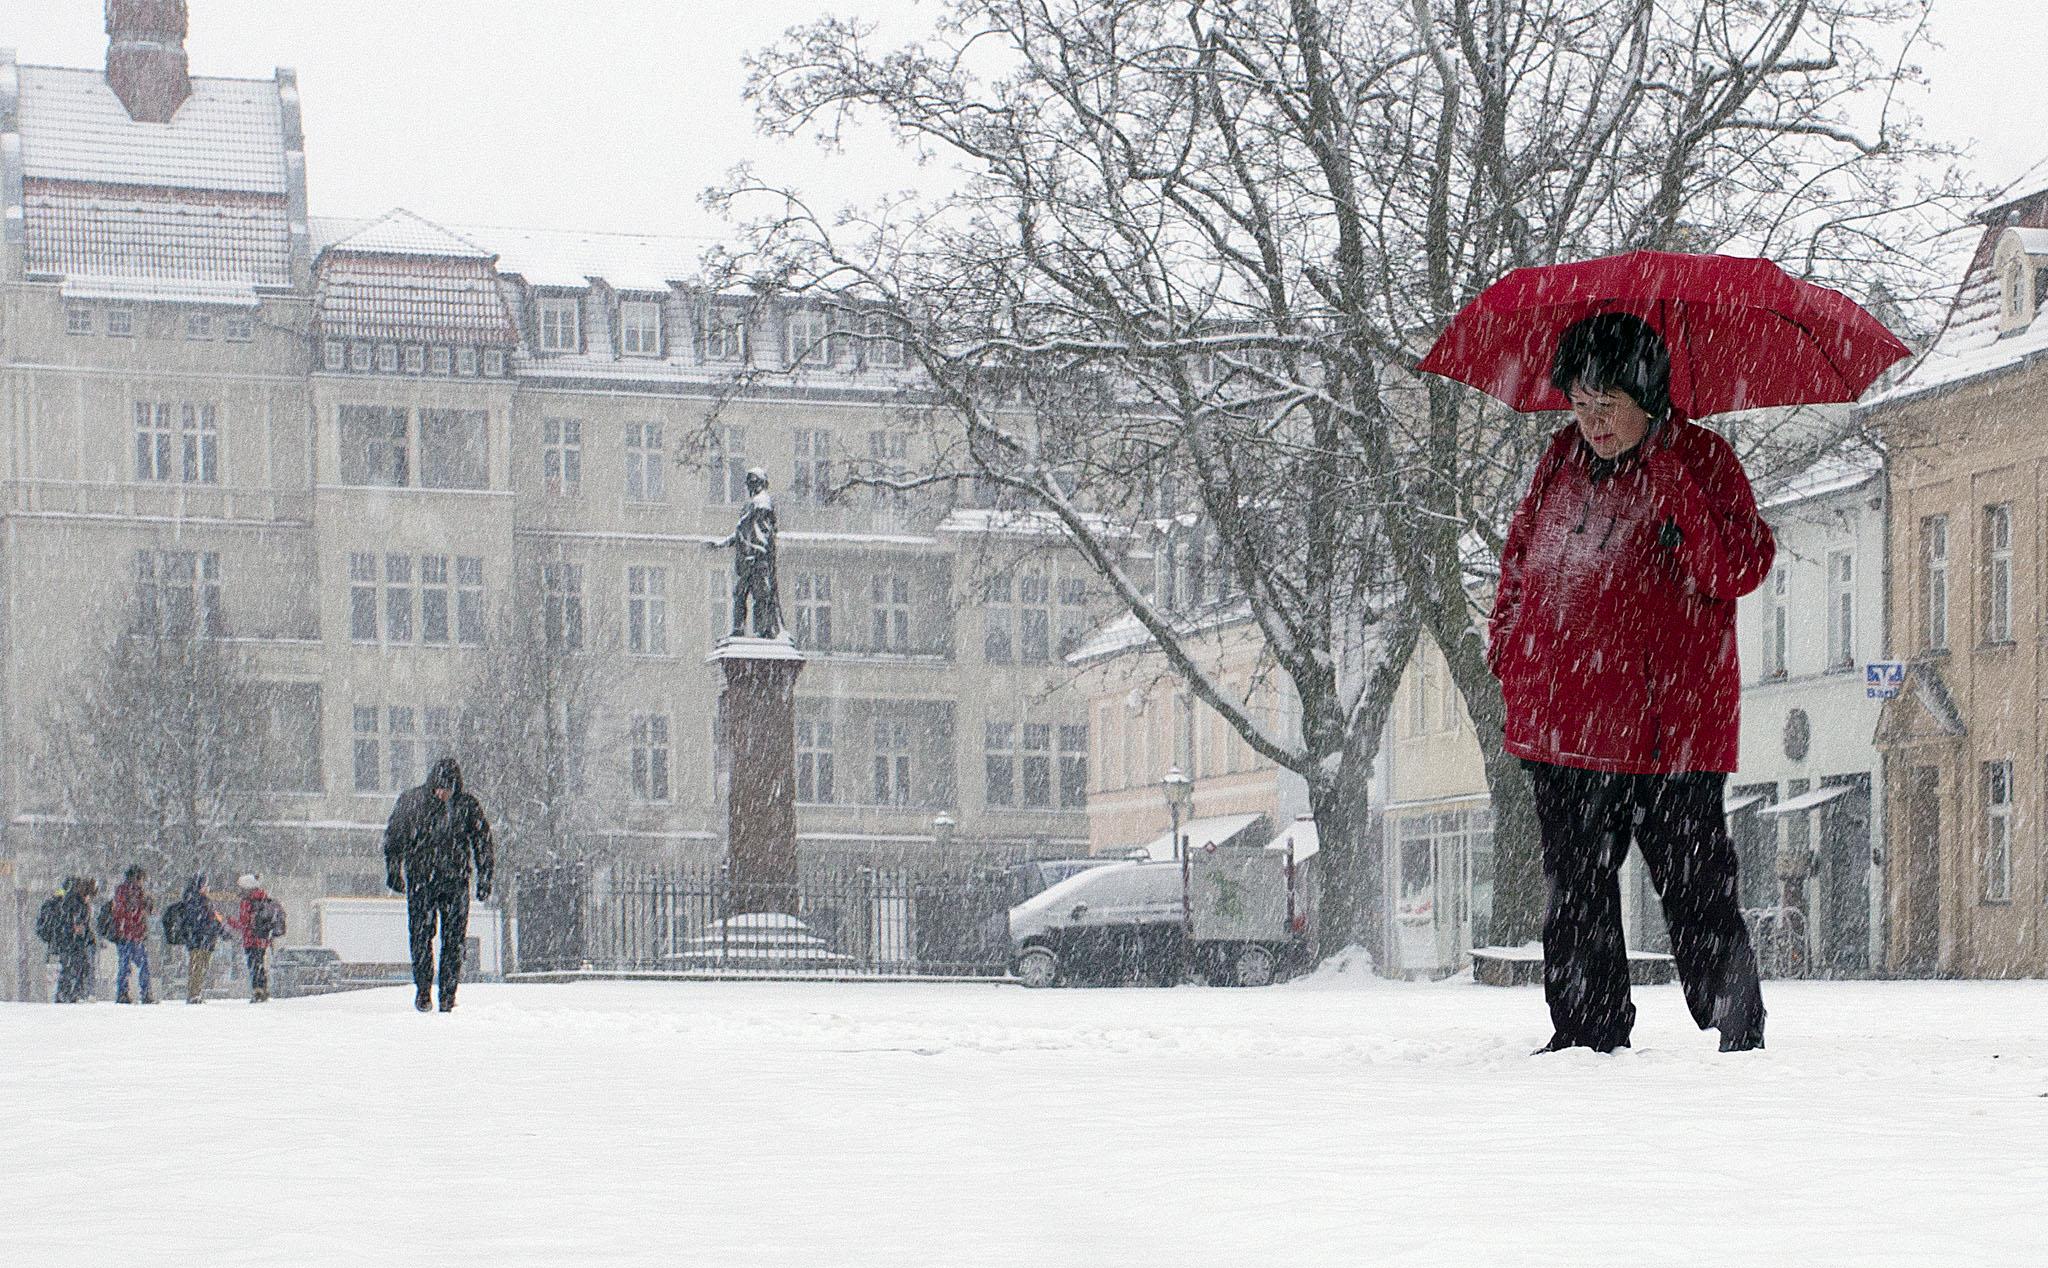 Schulplatz im Schnee